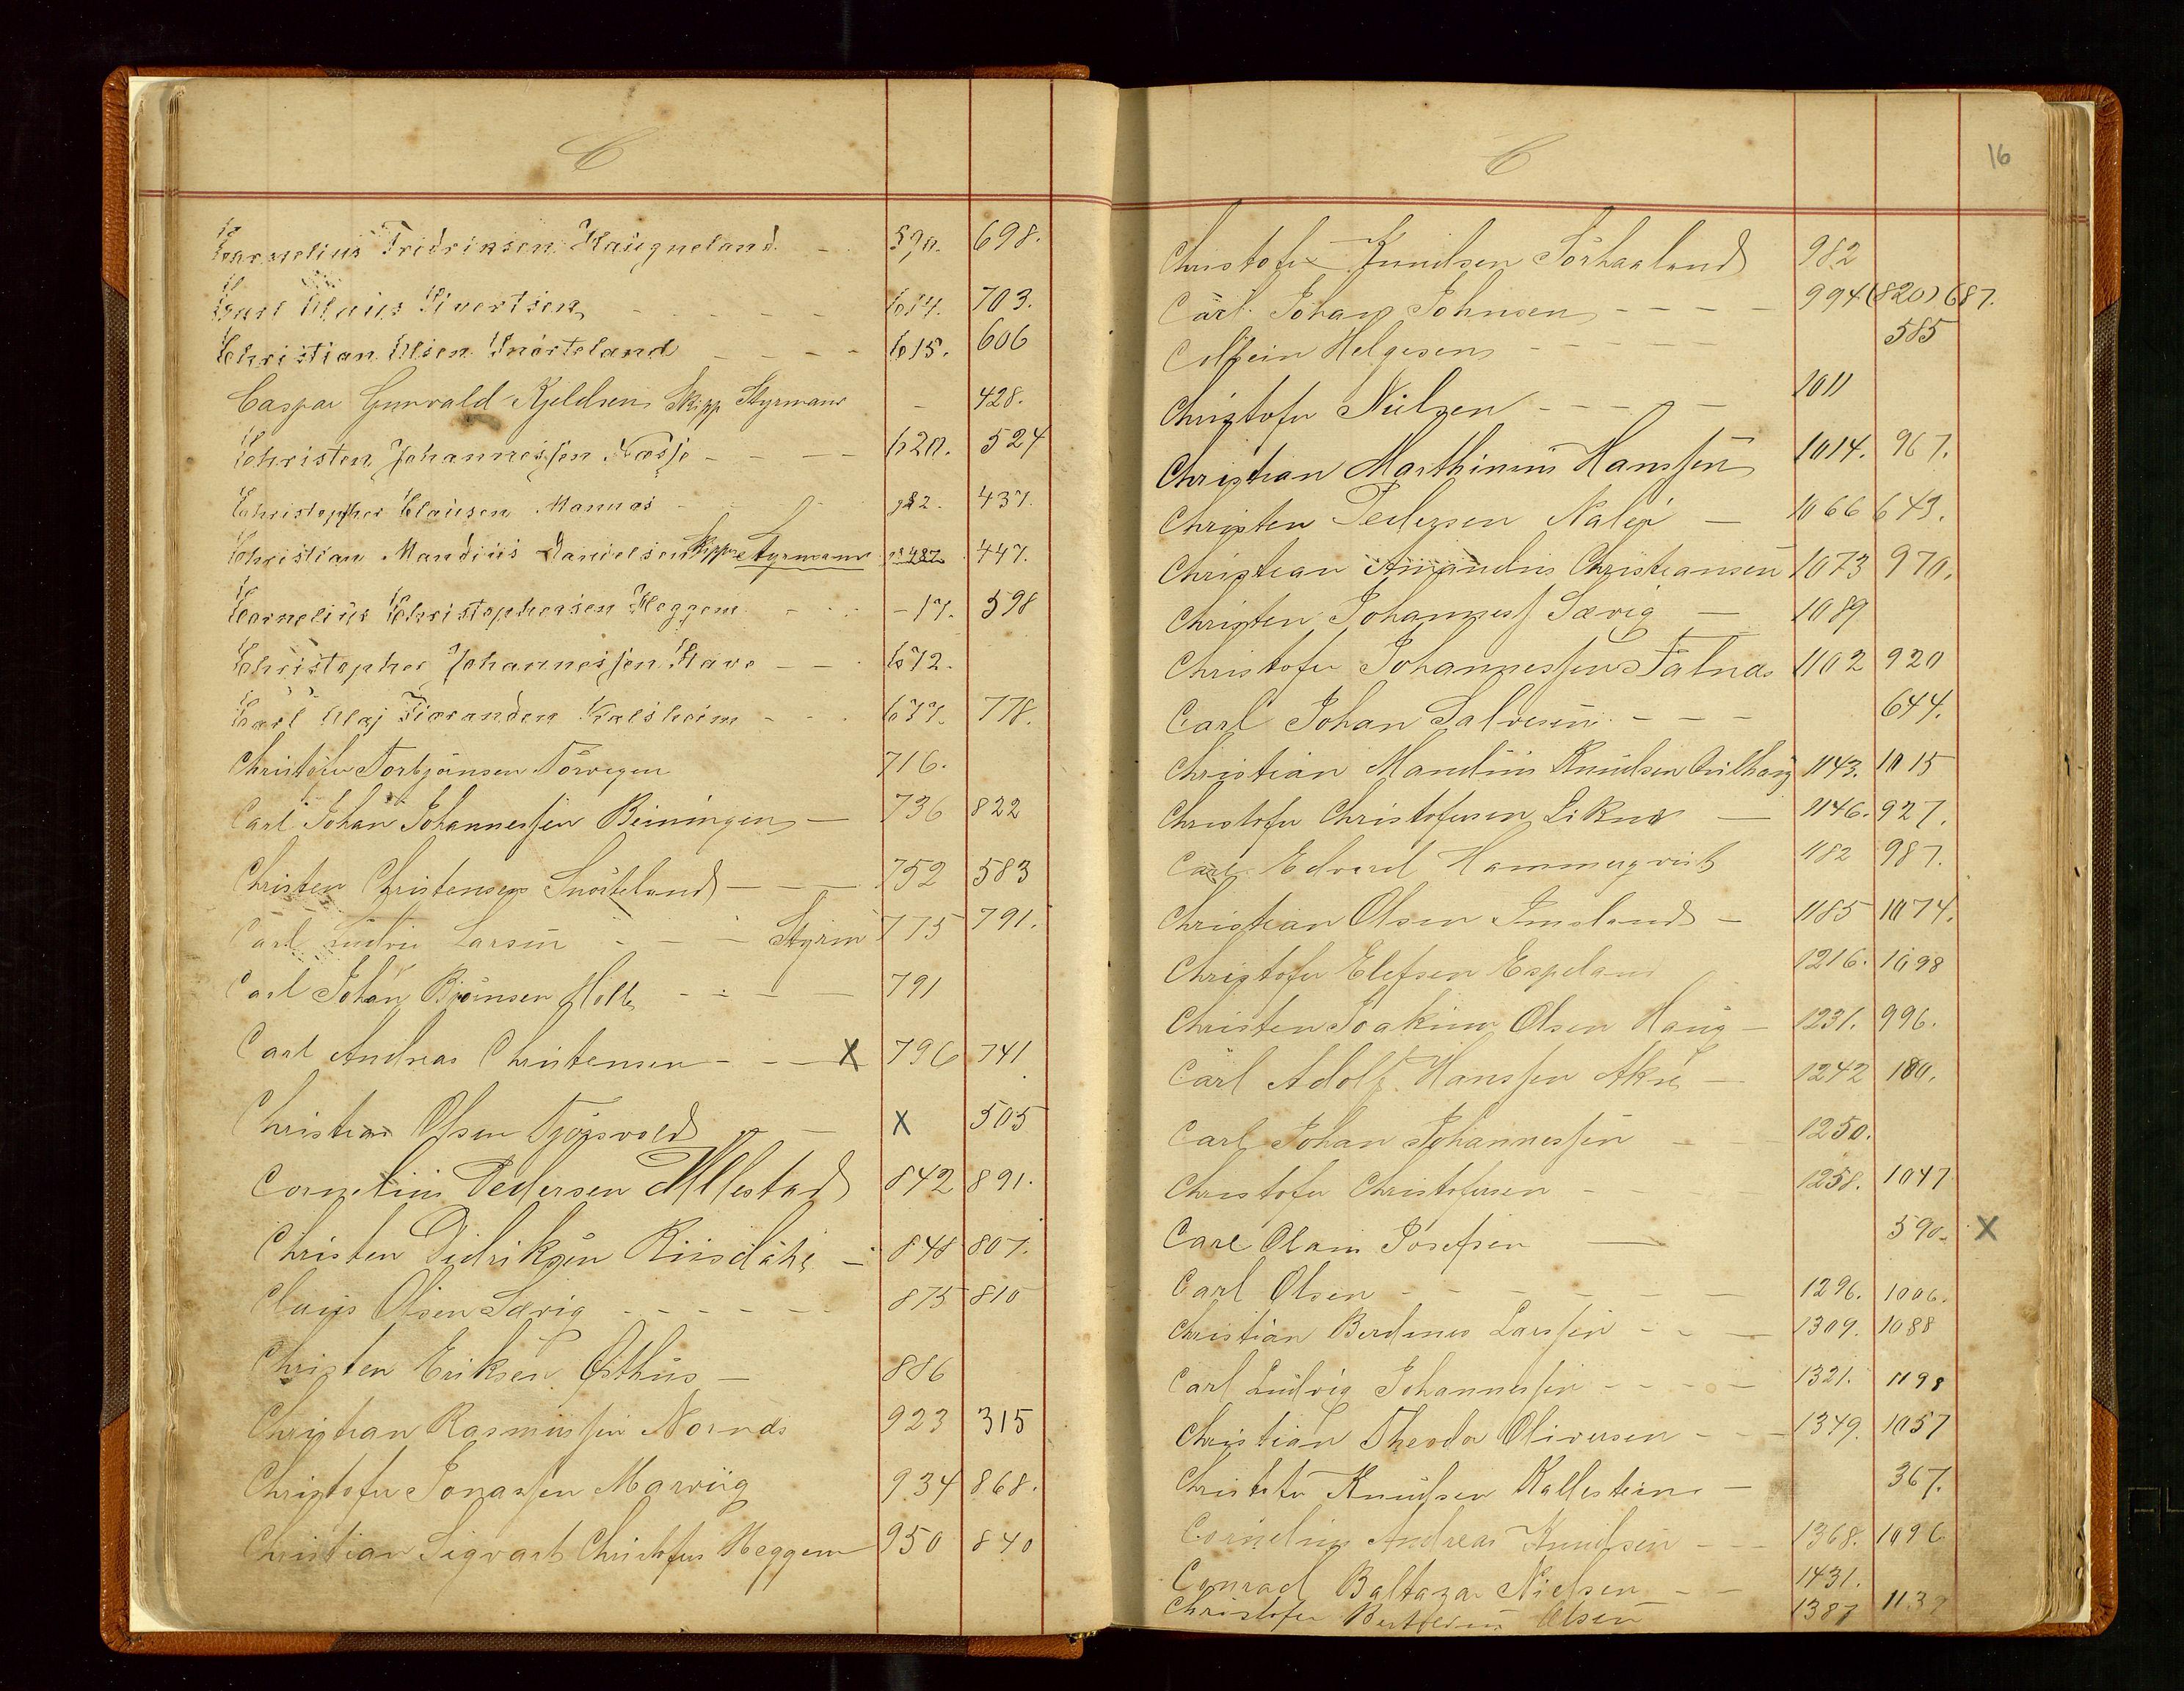 SAST, Haugesund sjømannskontor, F/Fb/Fba/L0003: Navneregister med henvisning til rullenummer (fornavn) Haugesund krets, 1860-1948, s. 16